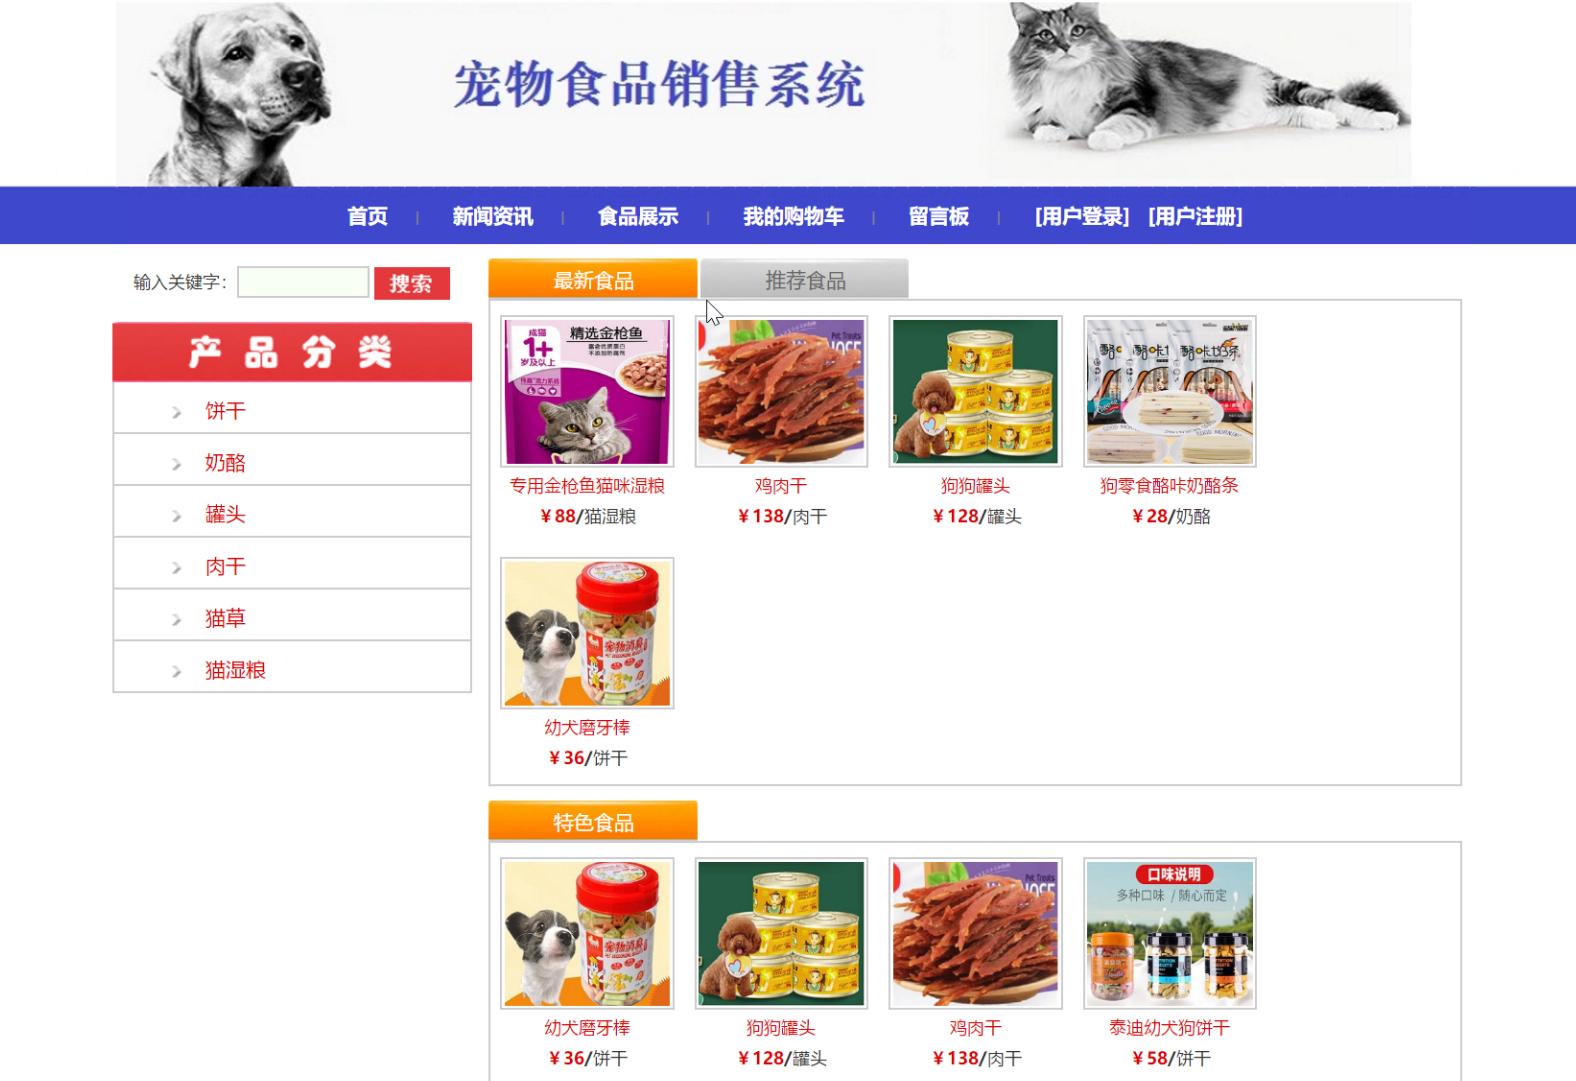 ASP.NET宠物食品商场系统的毕业设计辅导